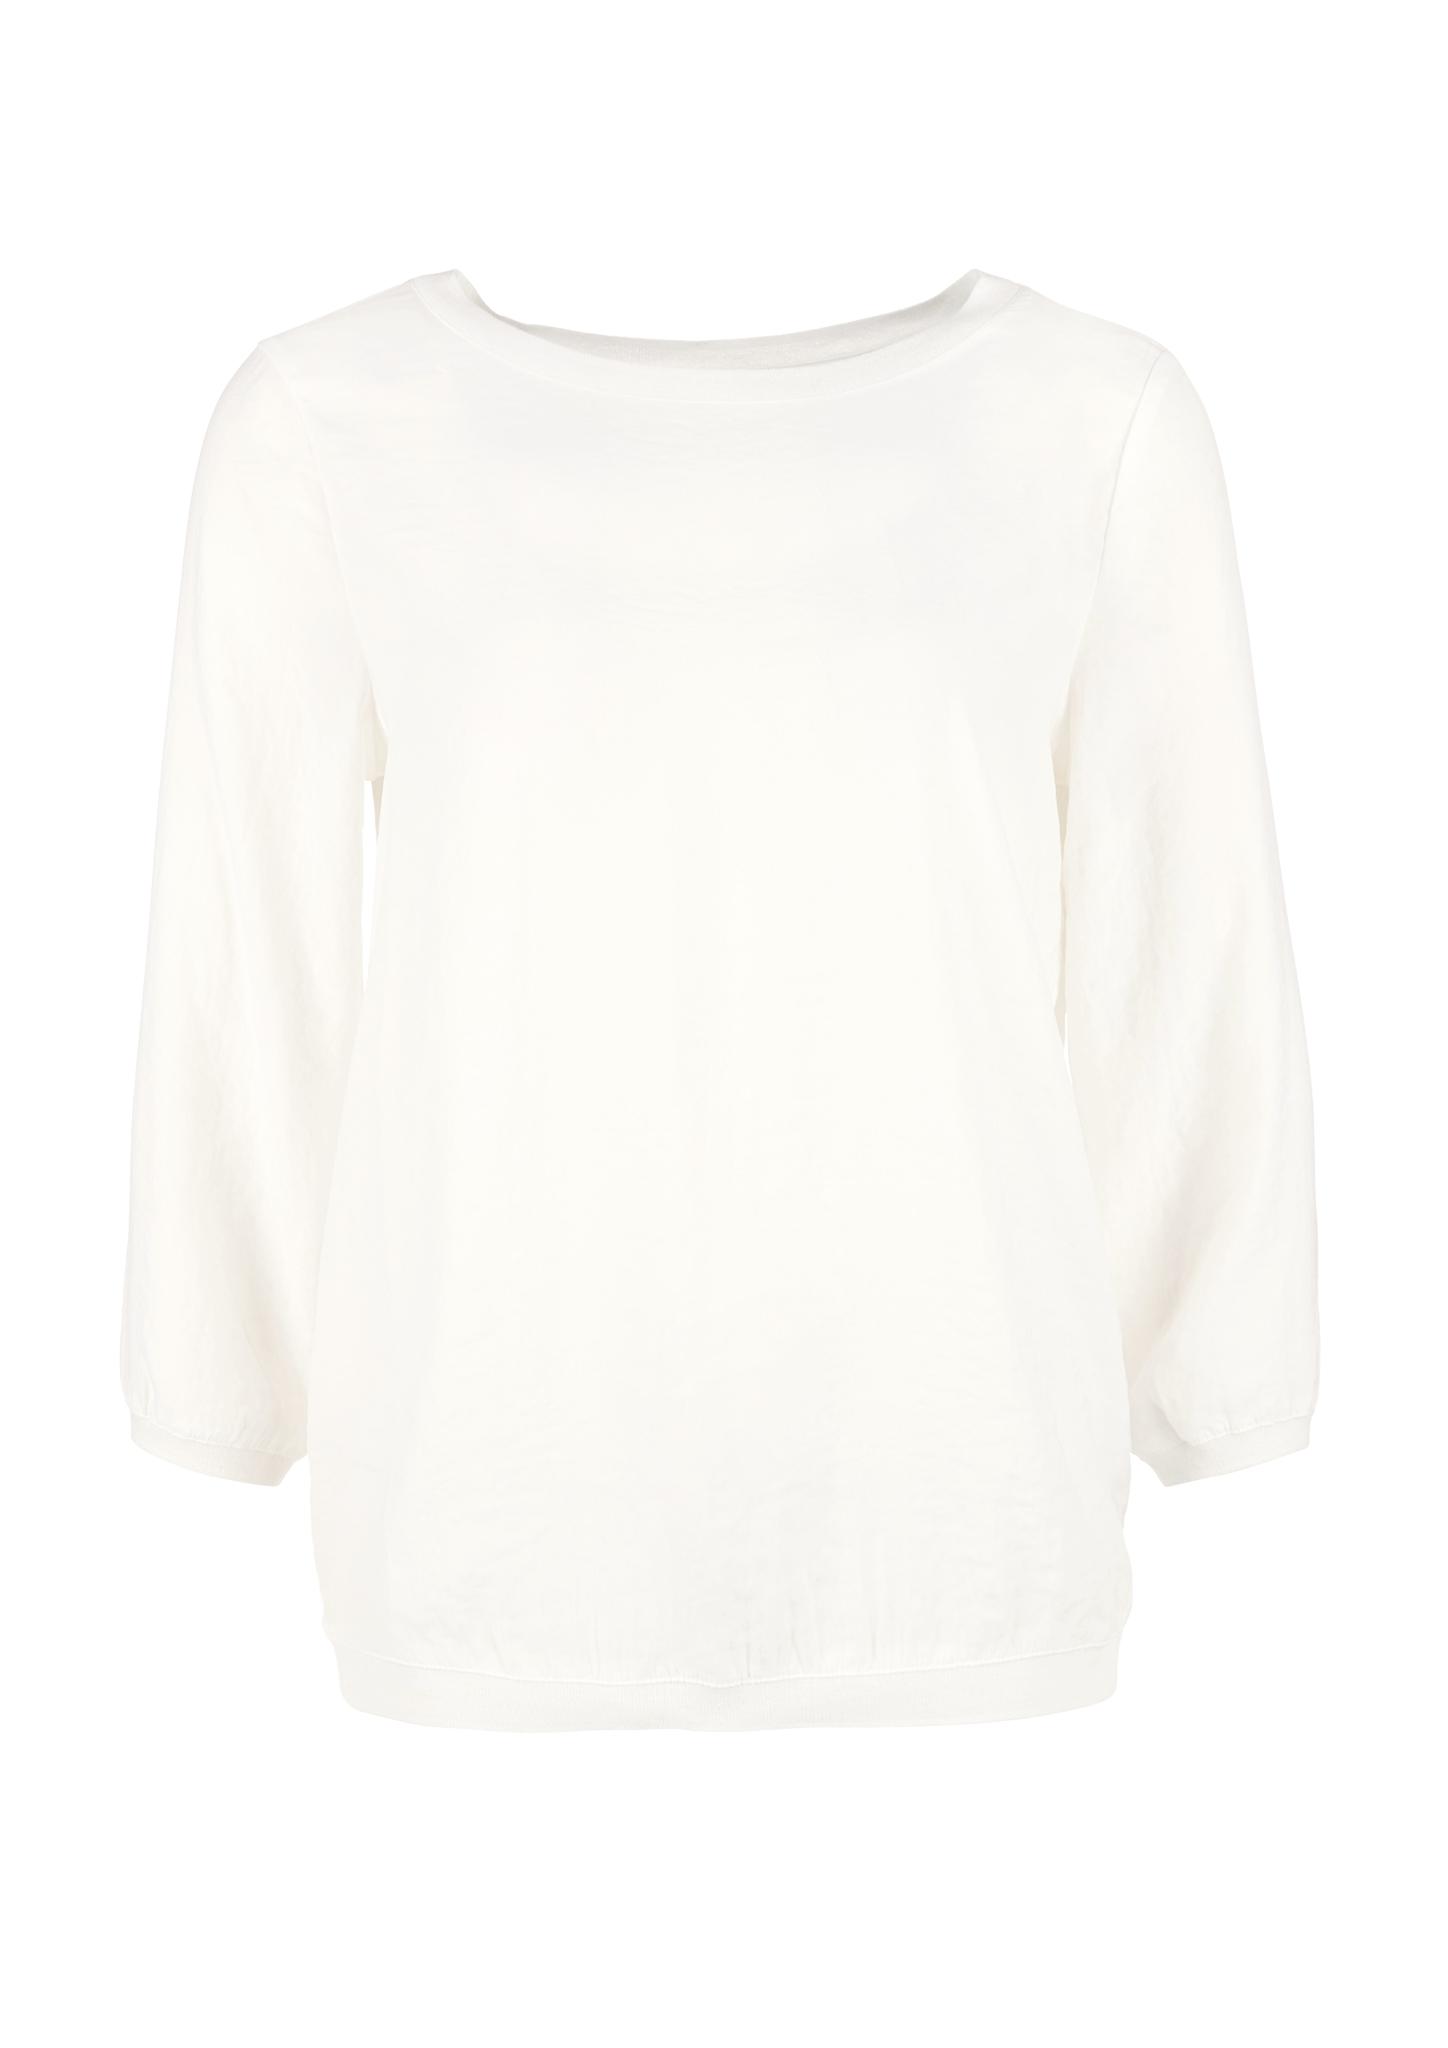 Satinbluse   Bekleidung > Blusen > Satinblusen   Weiß   Obermaterial 100% polyester  kragen/bund 97% polyester -  3% metallisiertes garn   s.Oliver